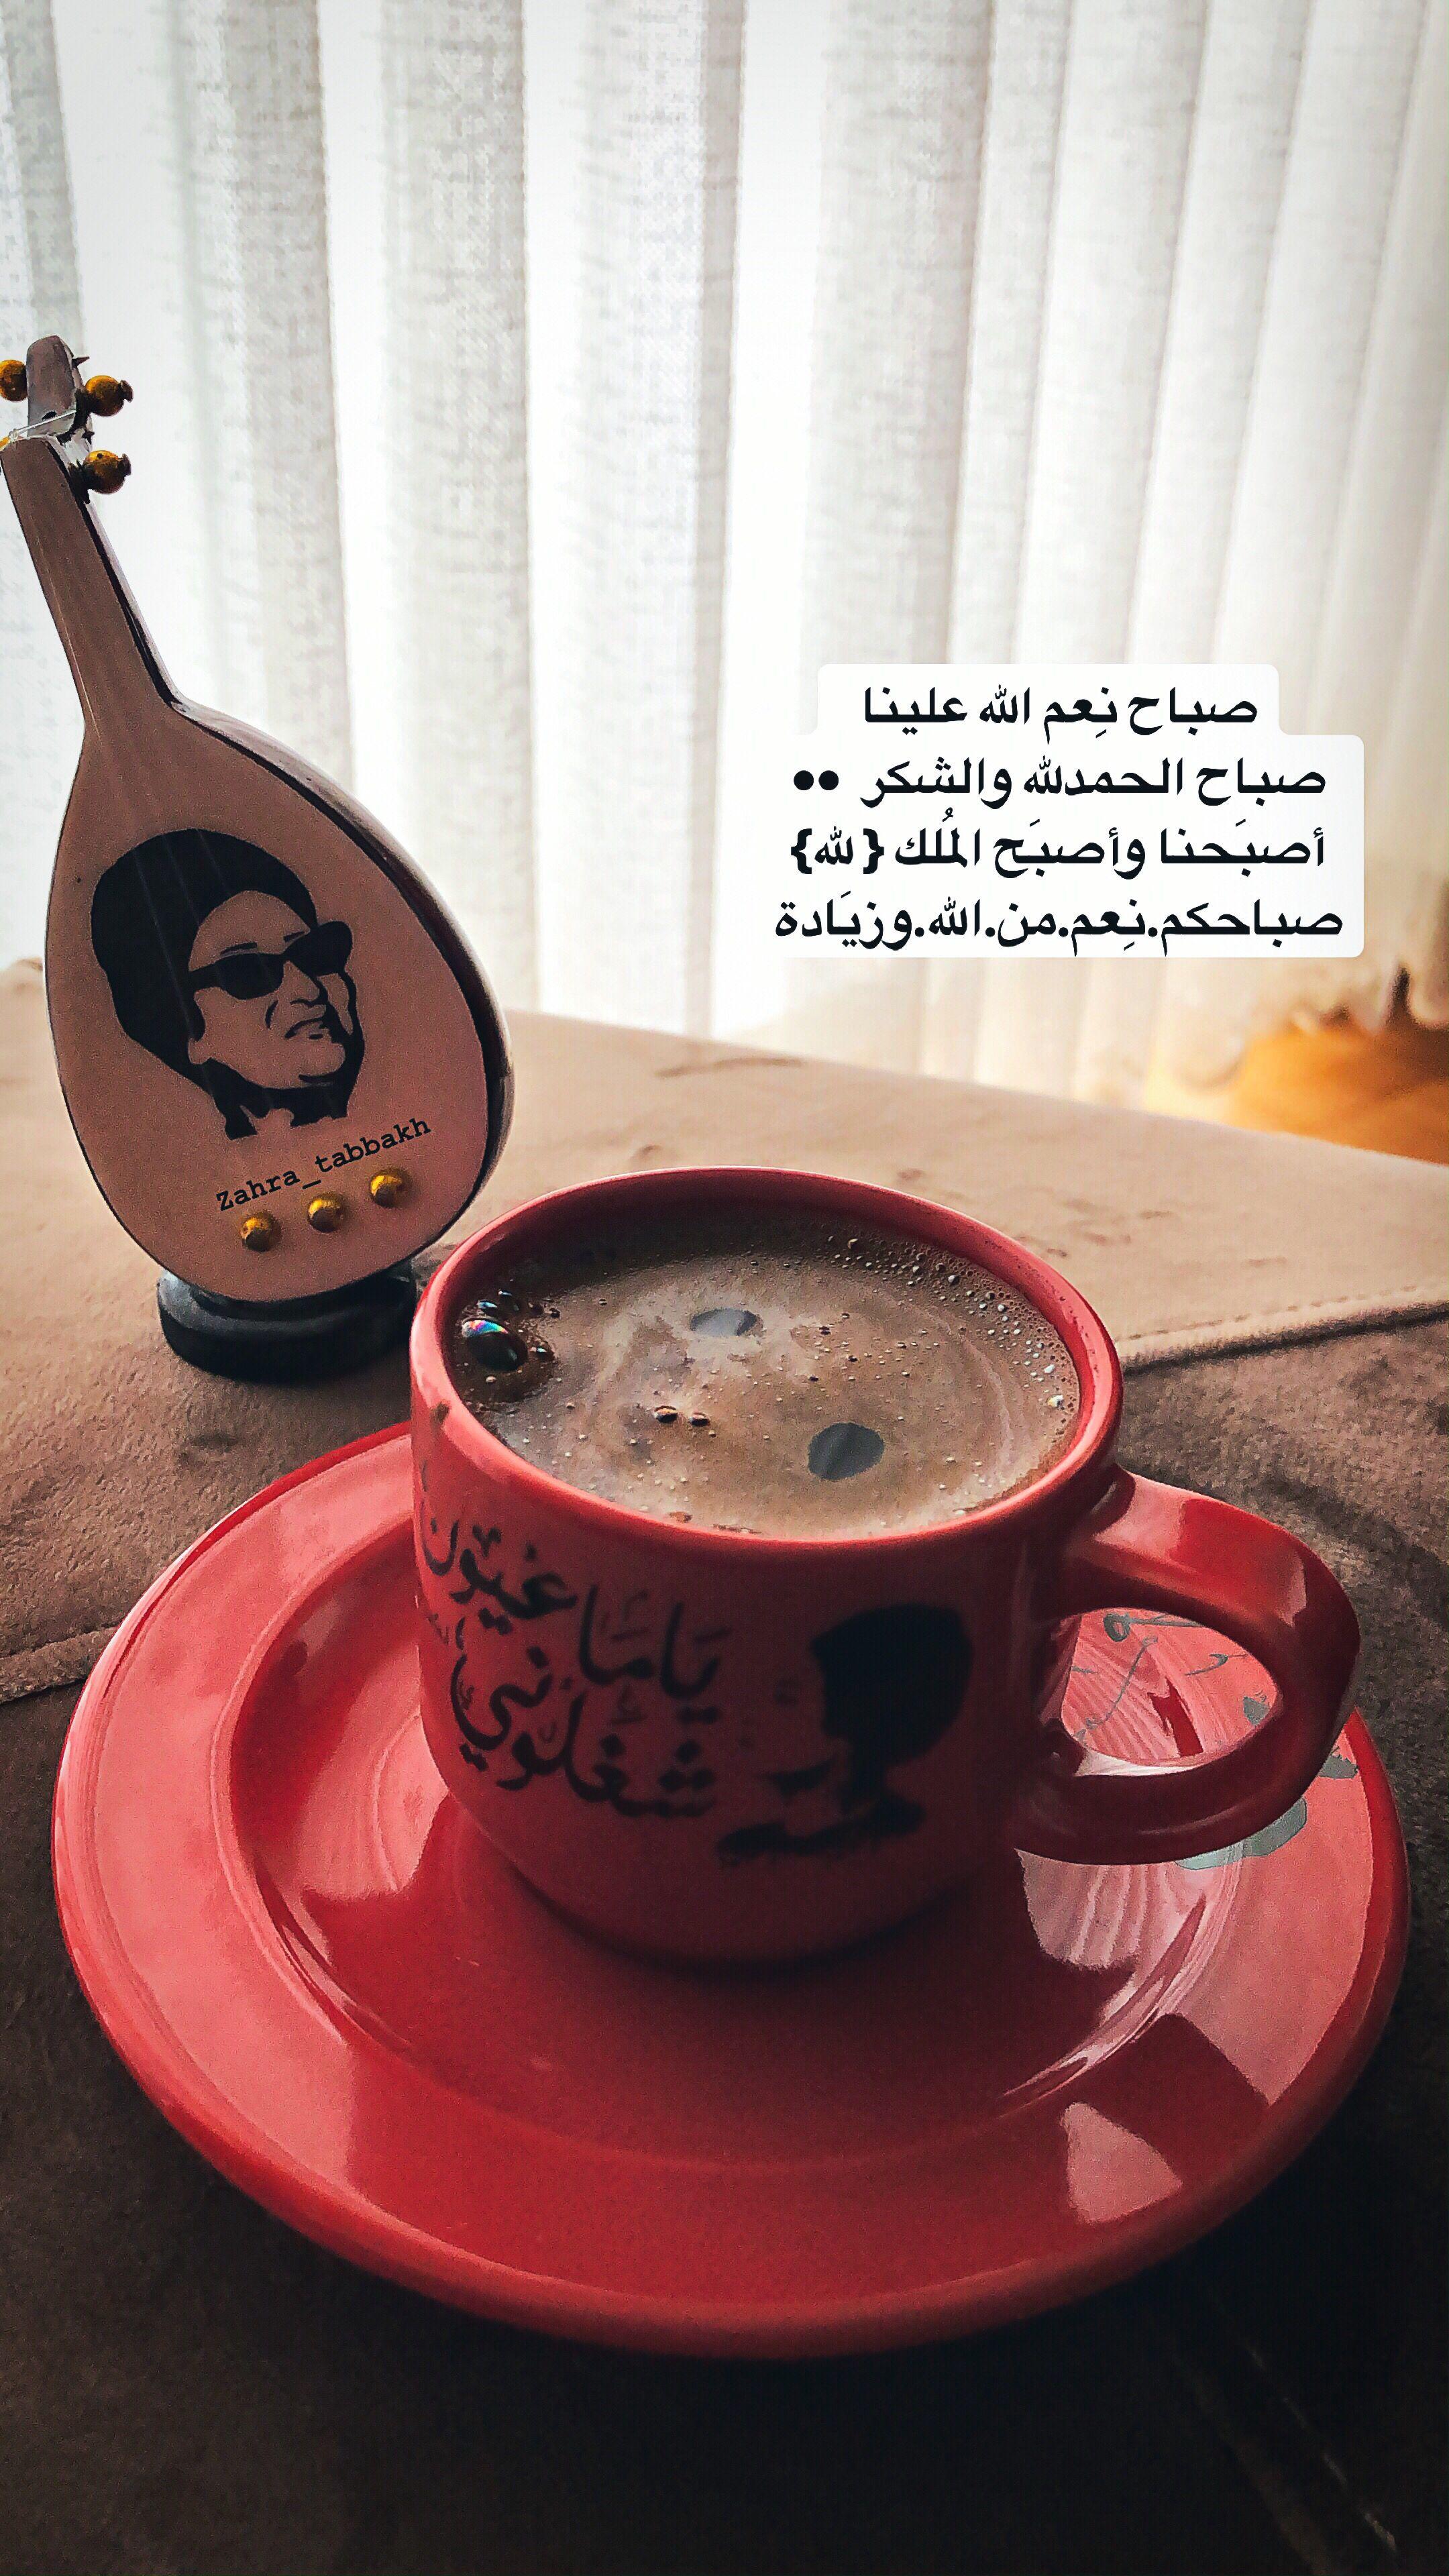 صباح ن عم الله علينا Coffee Bar Design Happy Birthday 19 Best Birthday Wishes